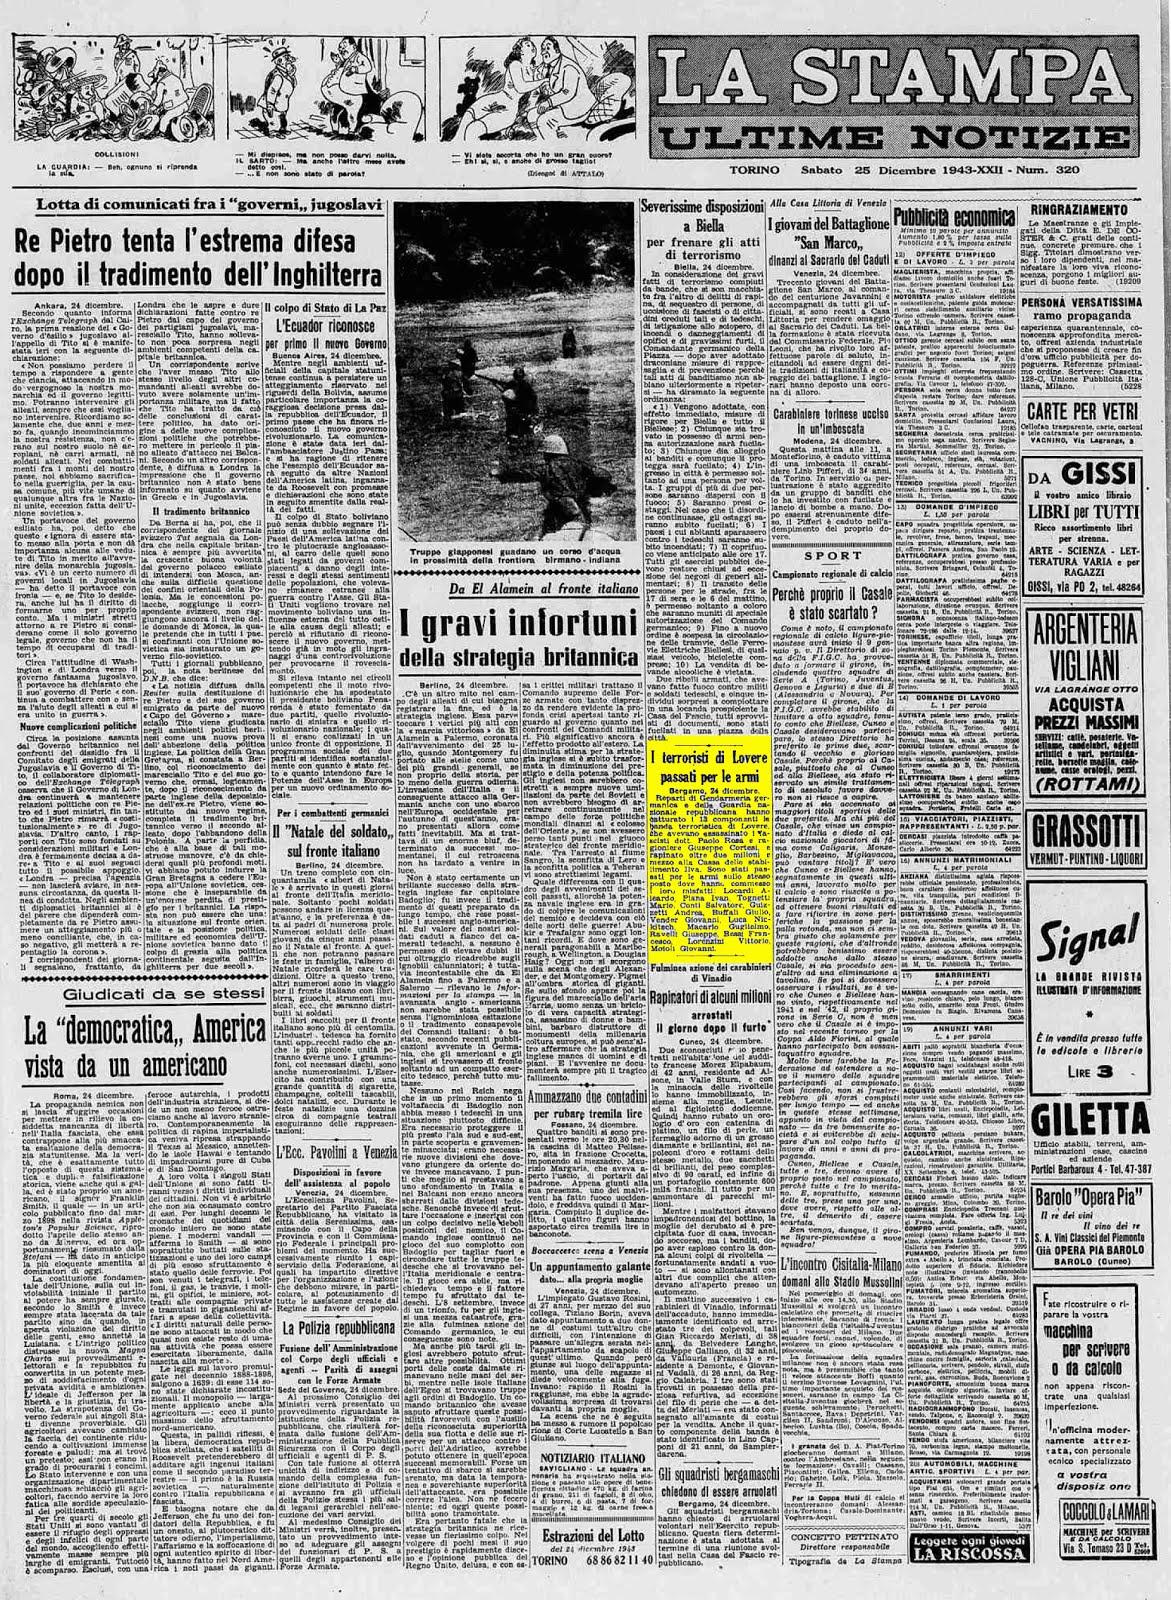 LA STAMPA 25 DICEMBRE 1943